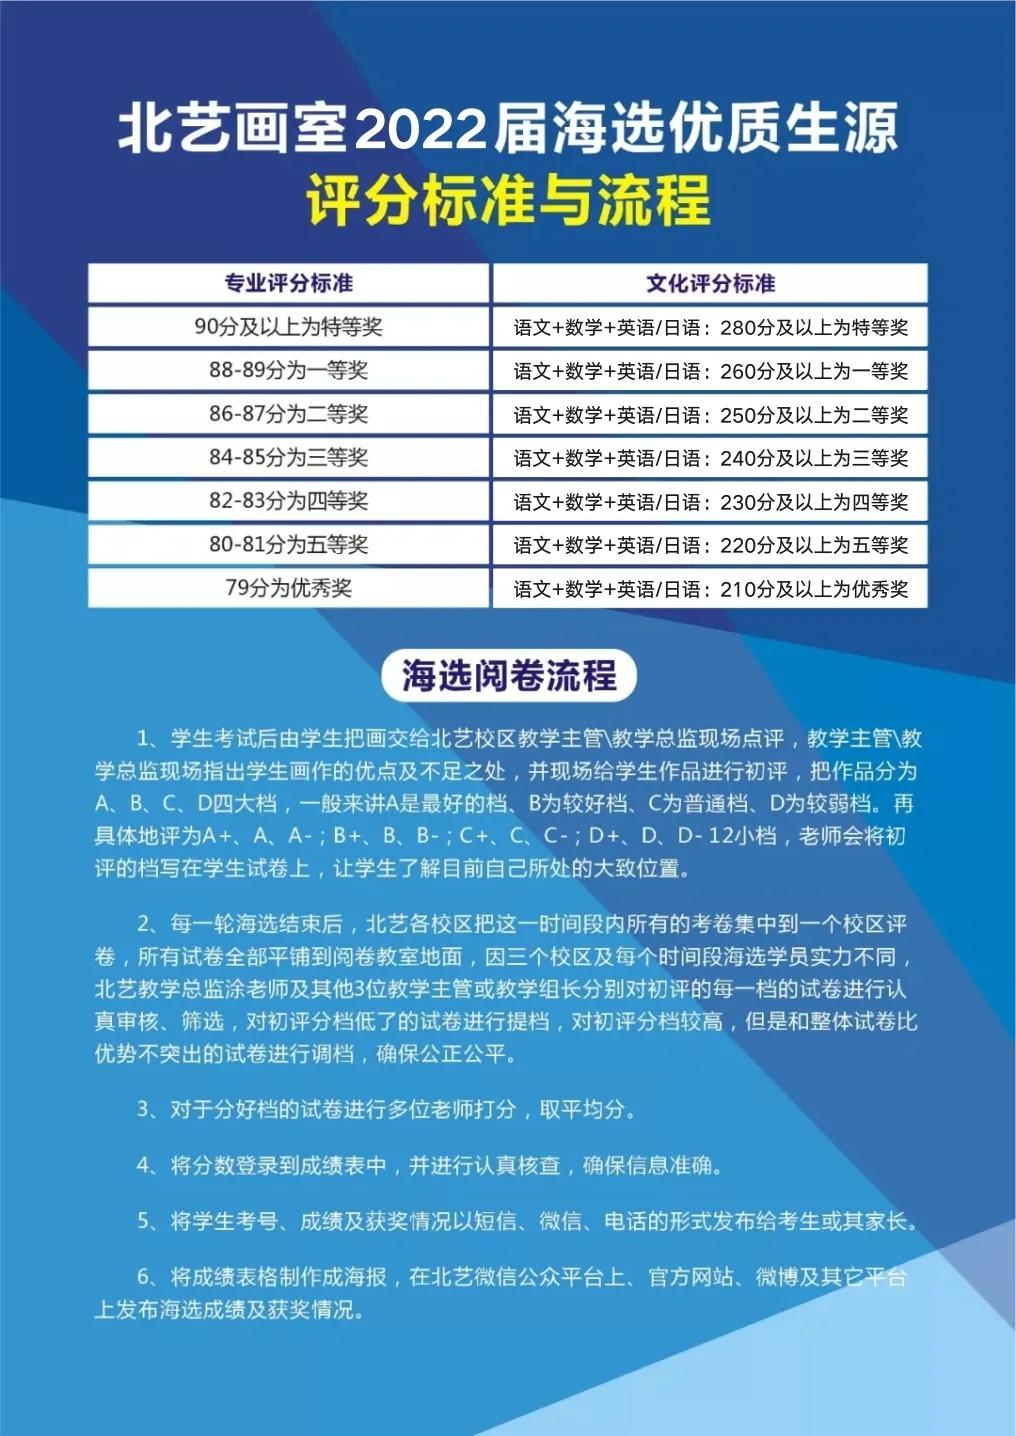 北艺2022届【海选优质生源】评分标准与流程